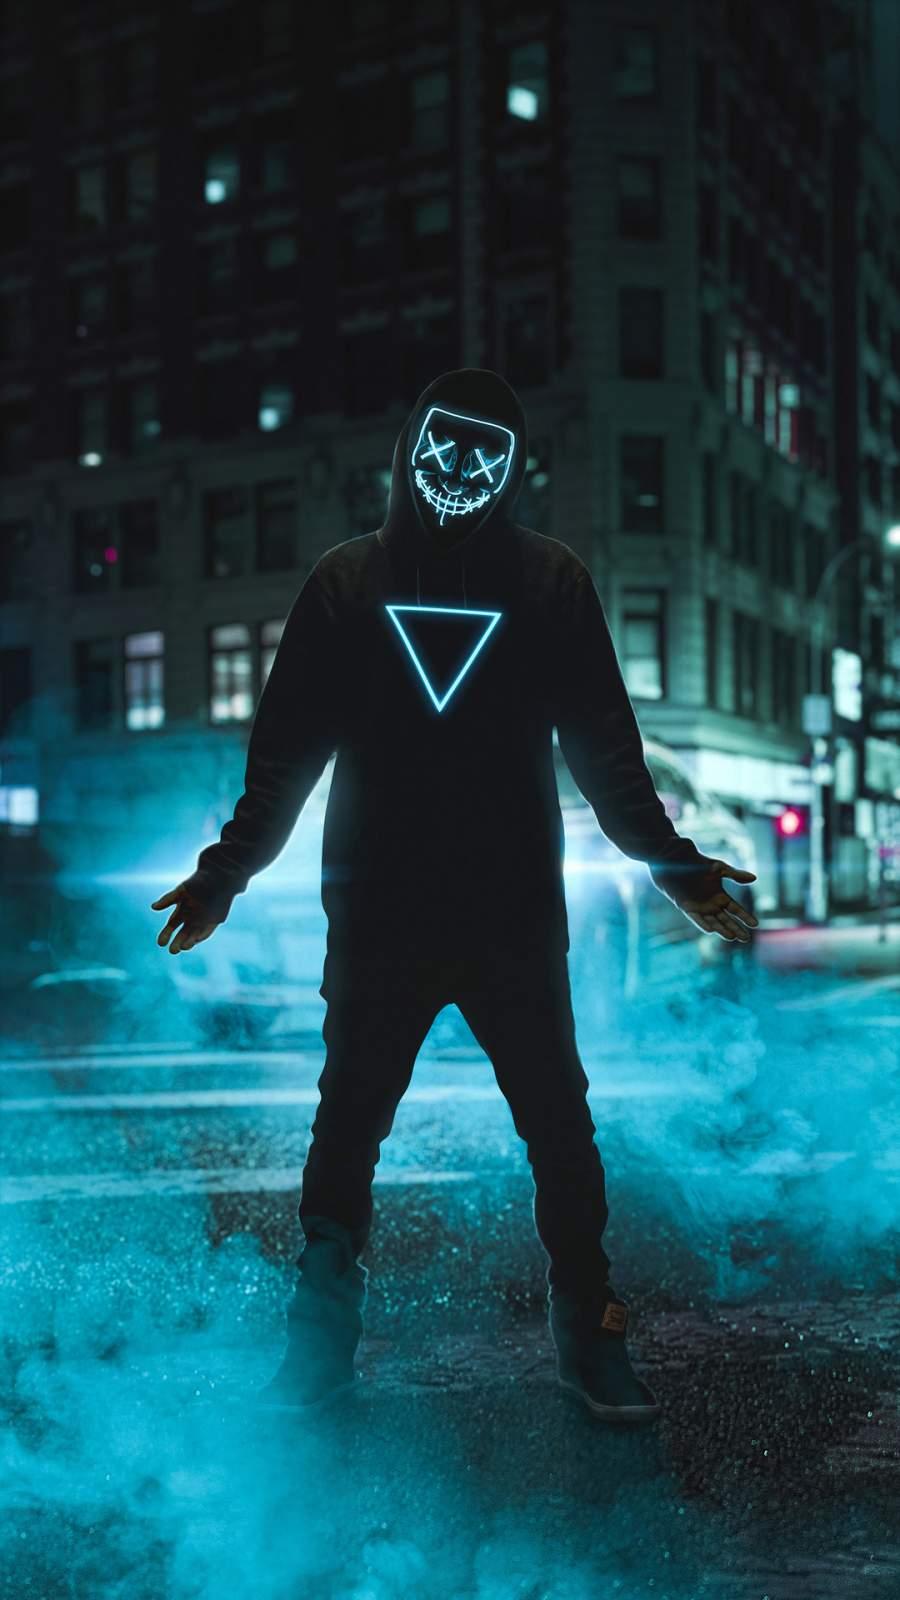 Neon Man iPhone Wallpaper